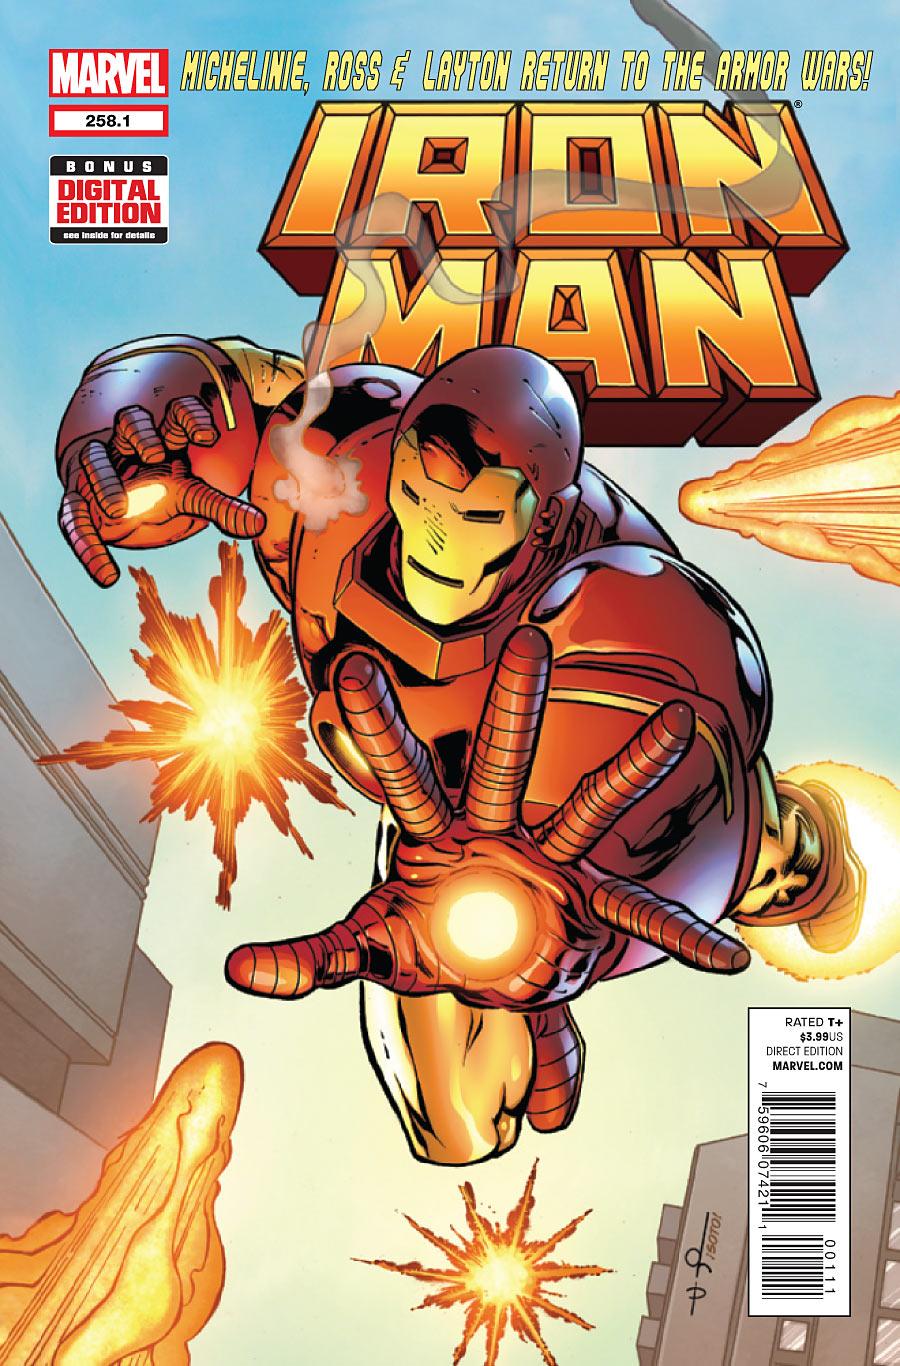 Iron Man Vol 1 258.1